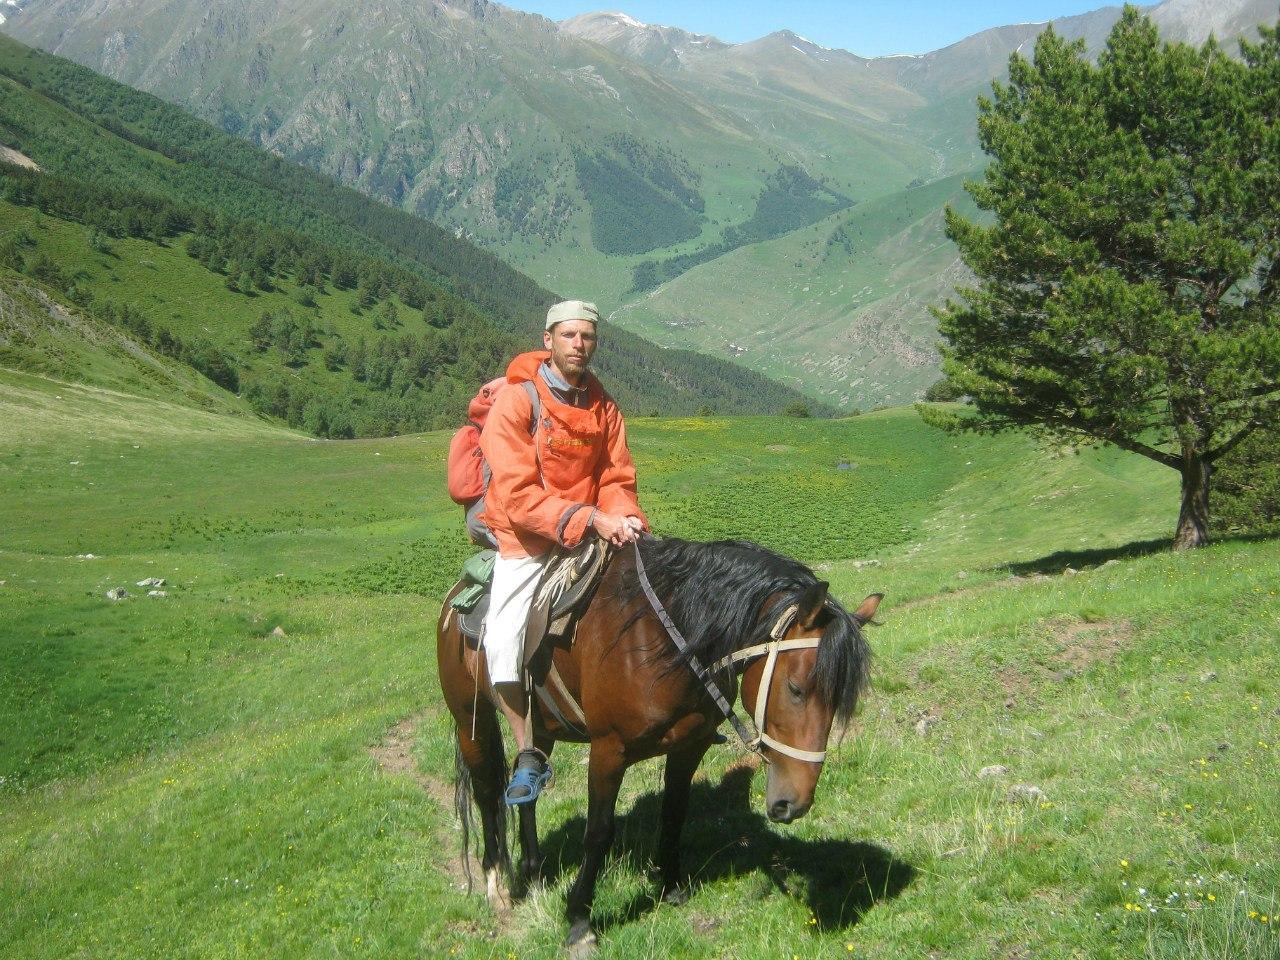 Автор верхом на коне в горах Карачаево-Черкессии